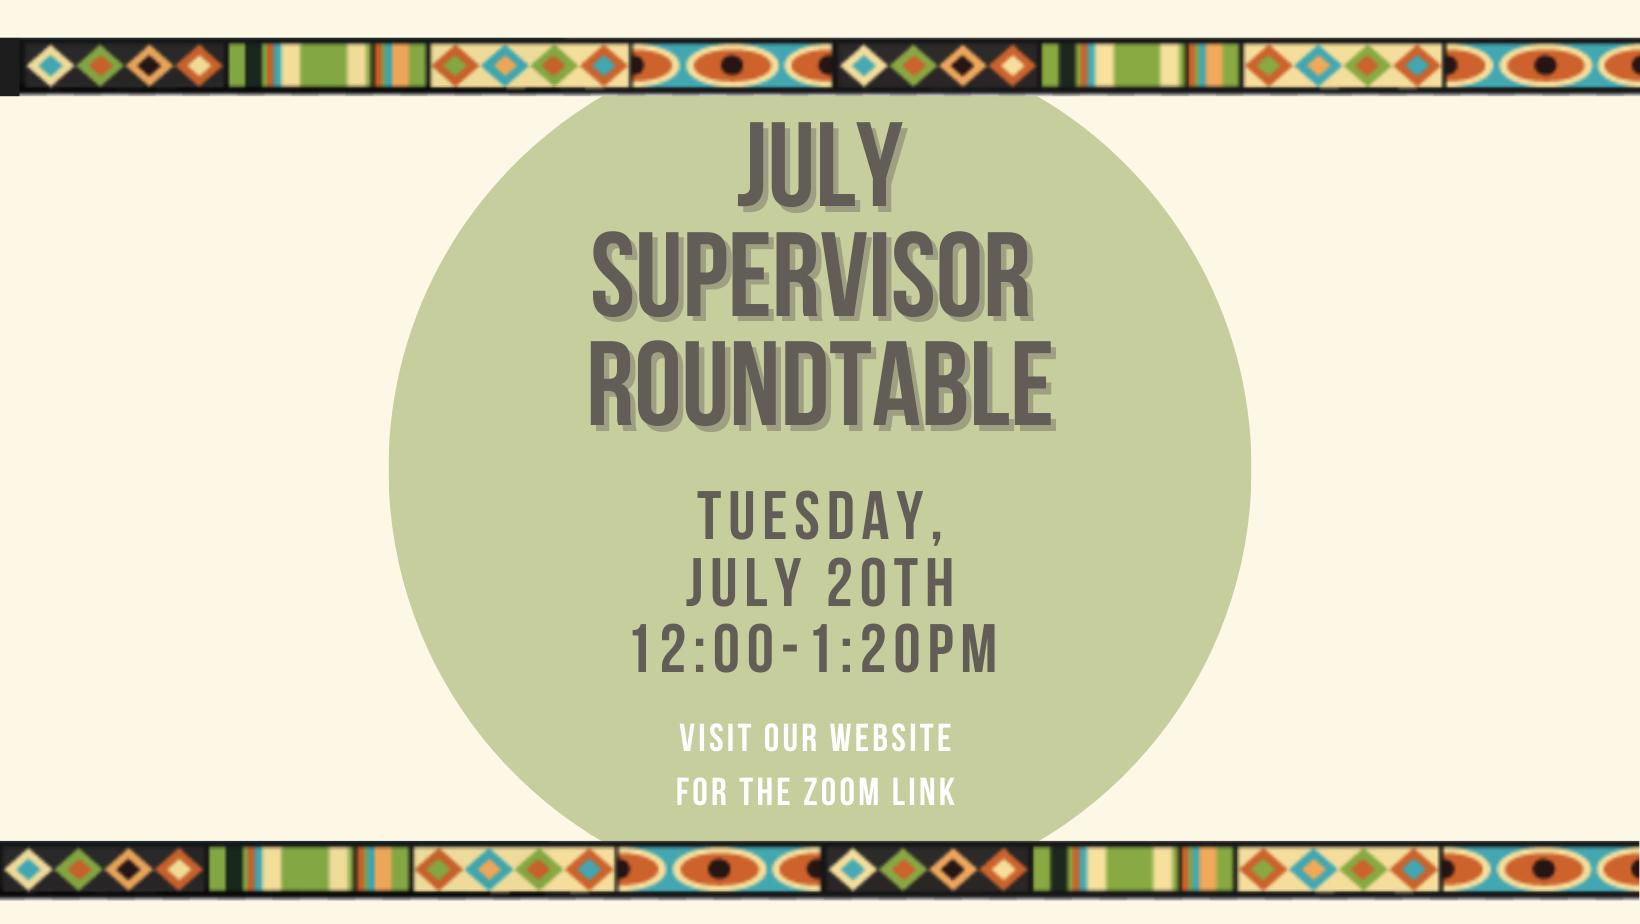 Supervisor Roundtable